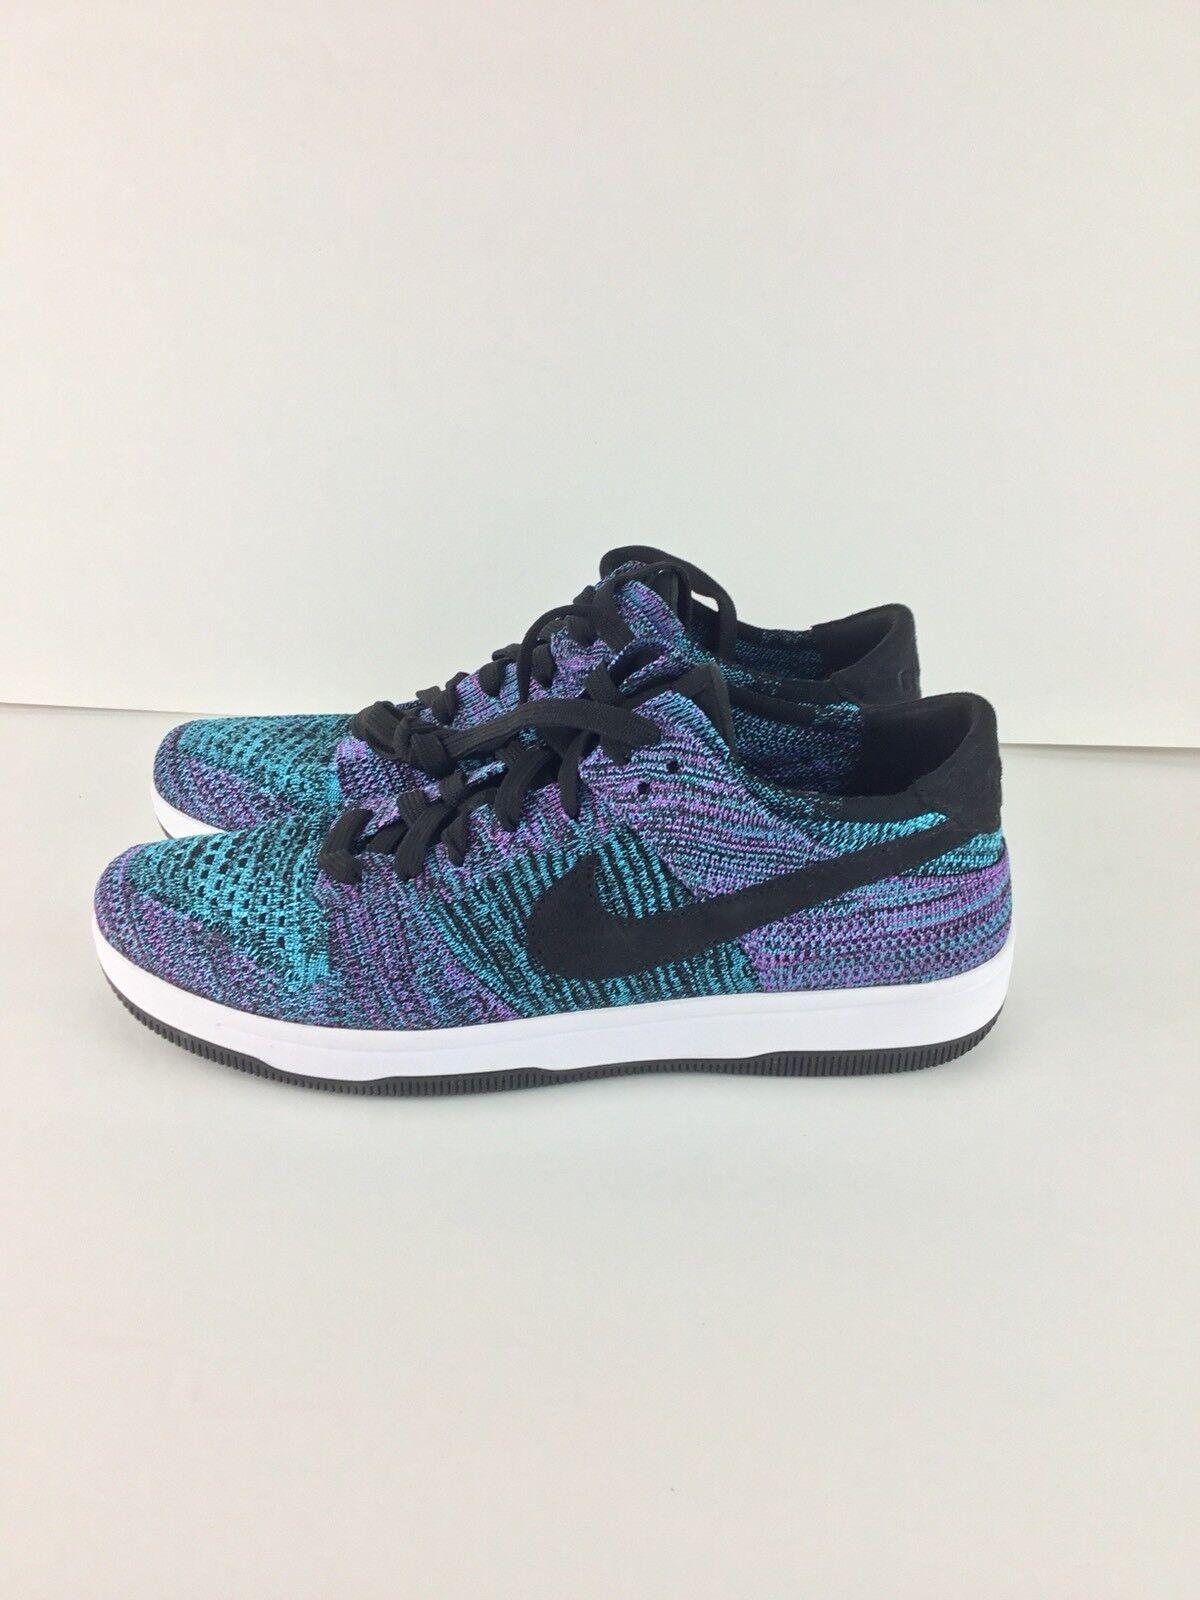 Nike e basso flyknit nero blu uomo bianco 917746-005 cloro viola uomo blu numero 9,5 f29b41